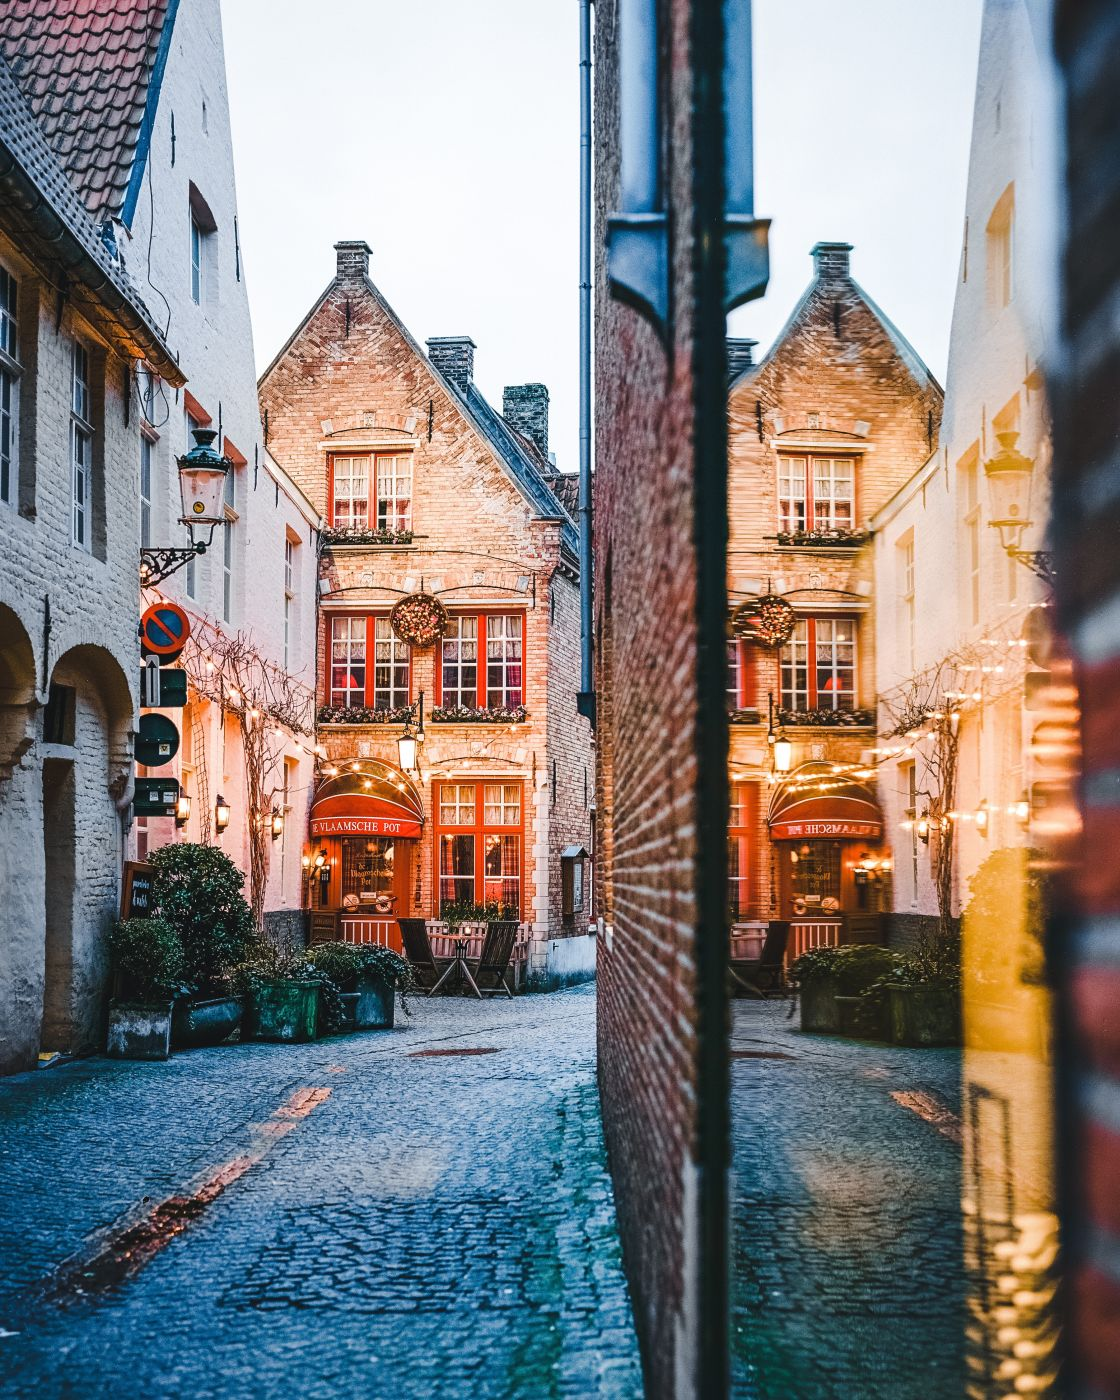 De Vlaamsche Pot - Bruges, Belgium, Belgium